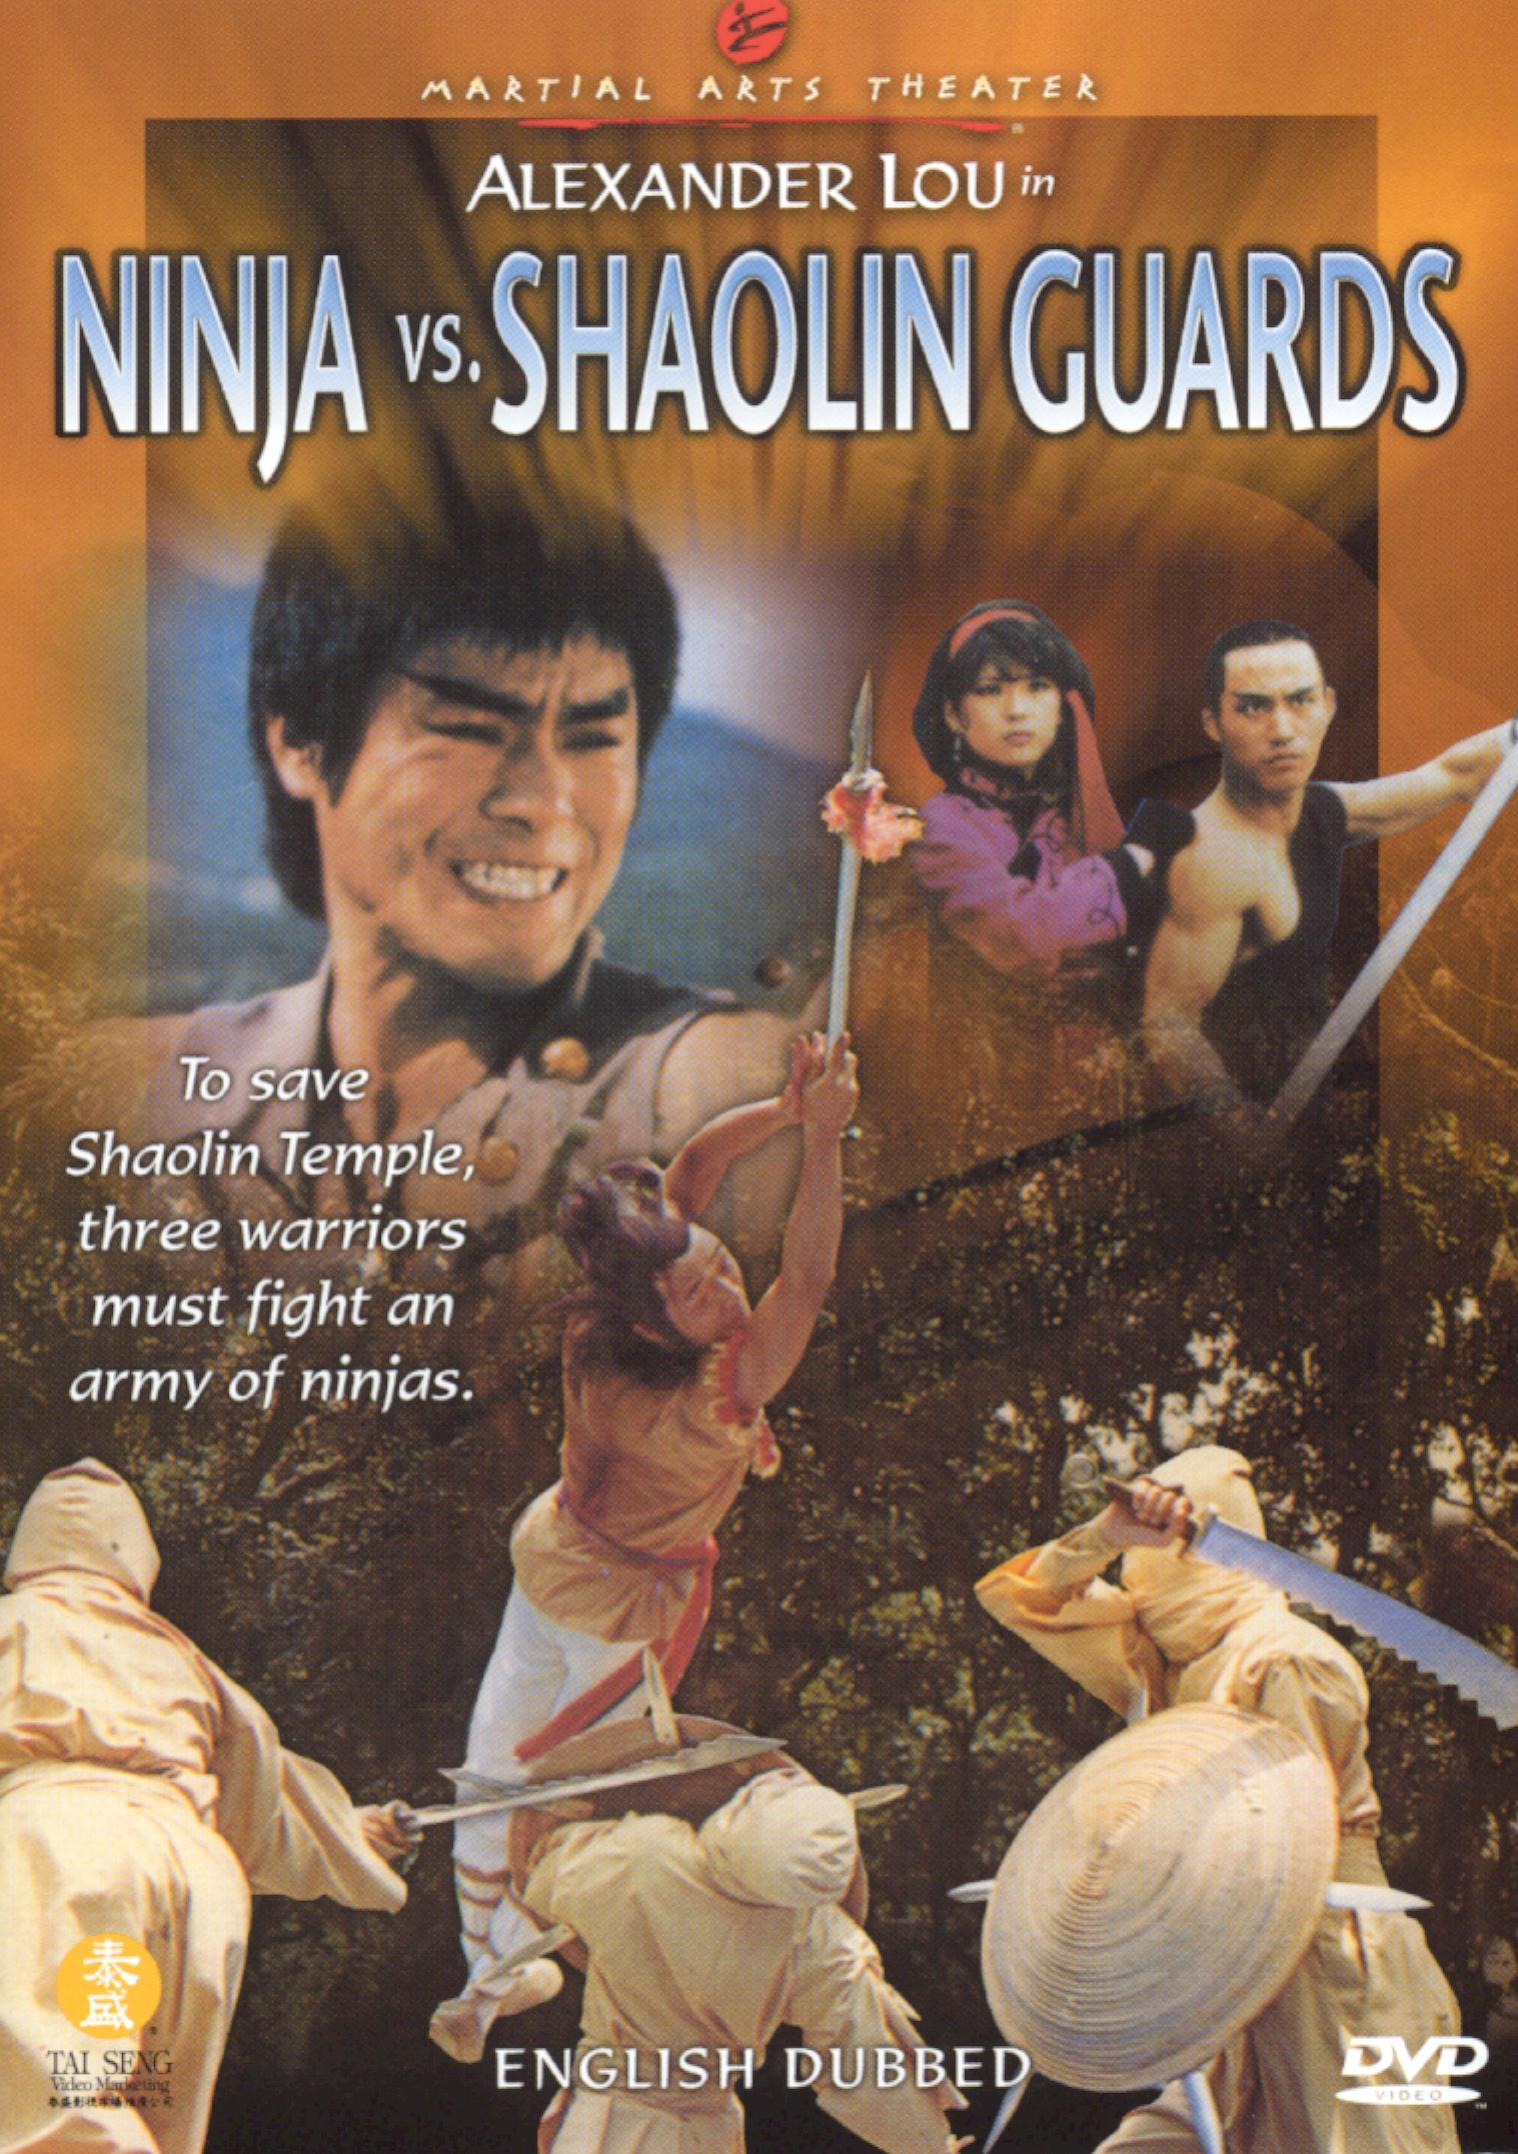 Ninja vs. Shaolin Guards